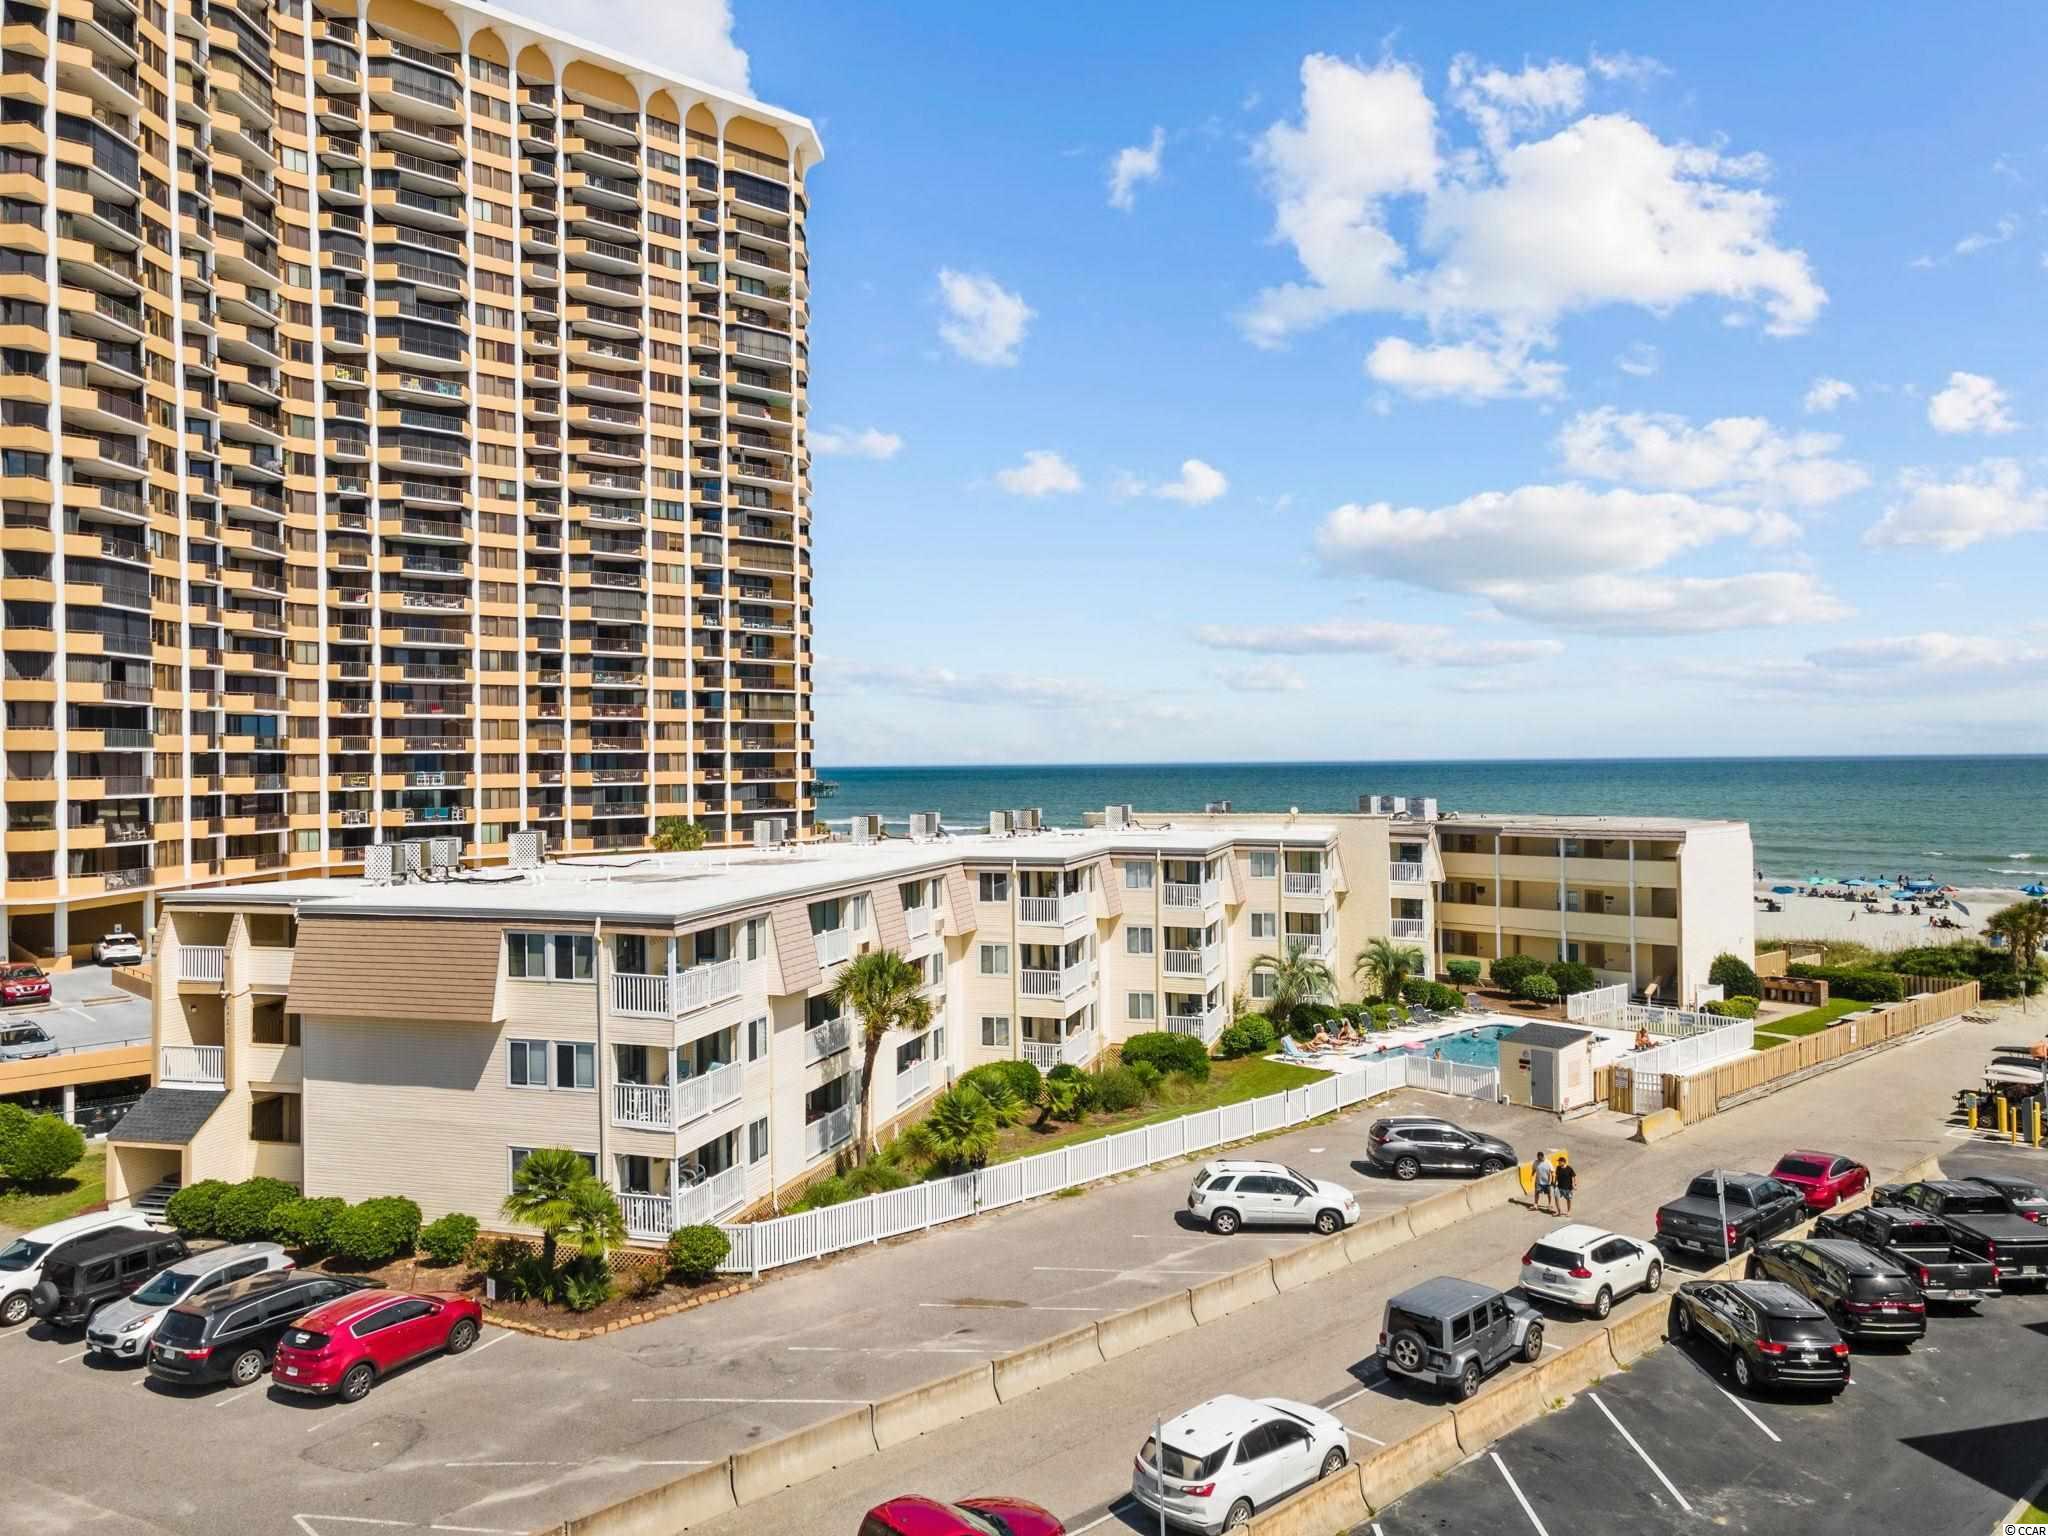 9620 Shore Dr. Property Photo